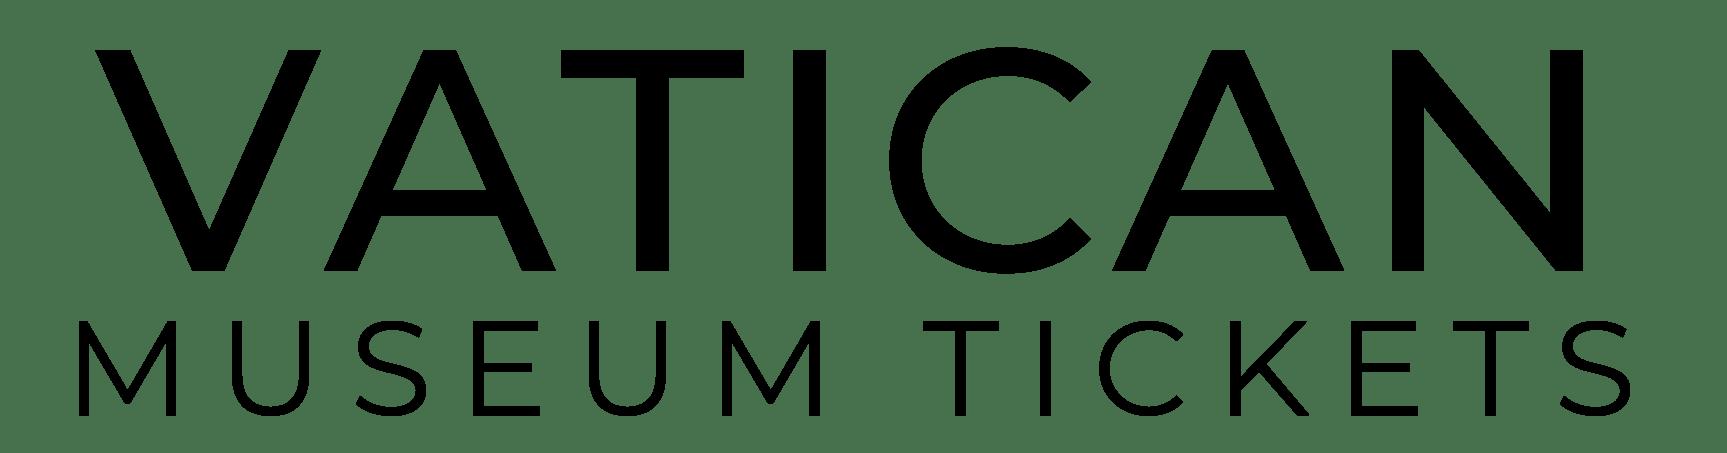 Tickets für die Vatikanischen Museen